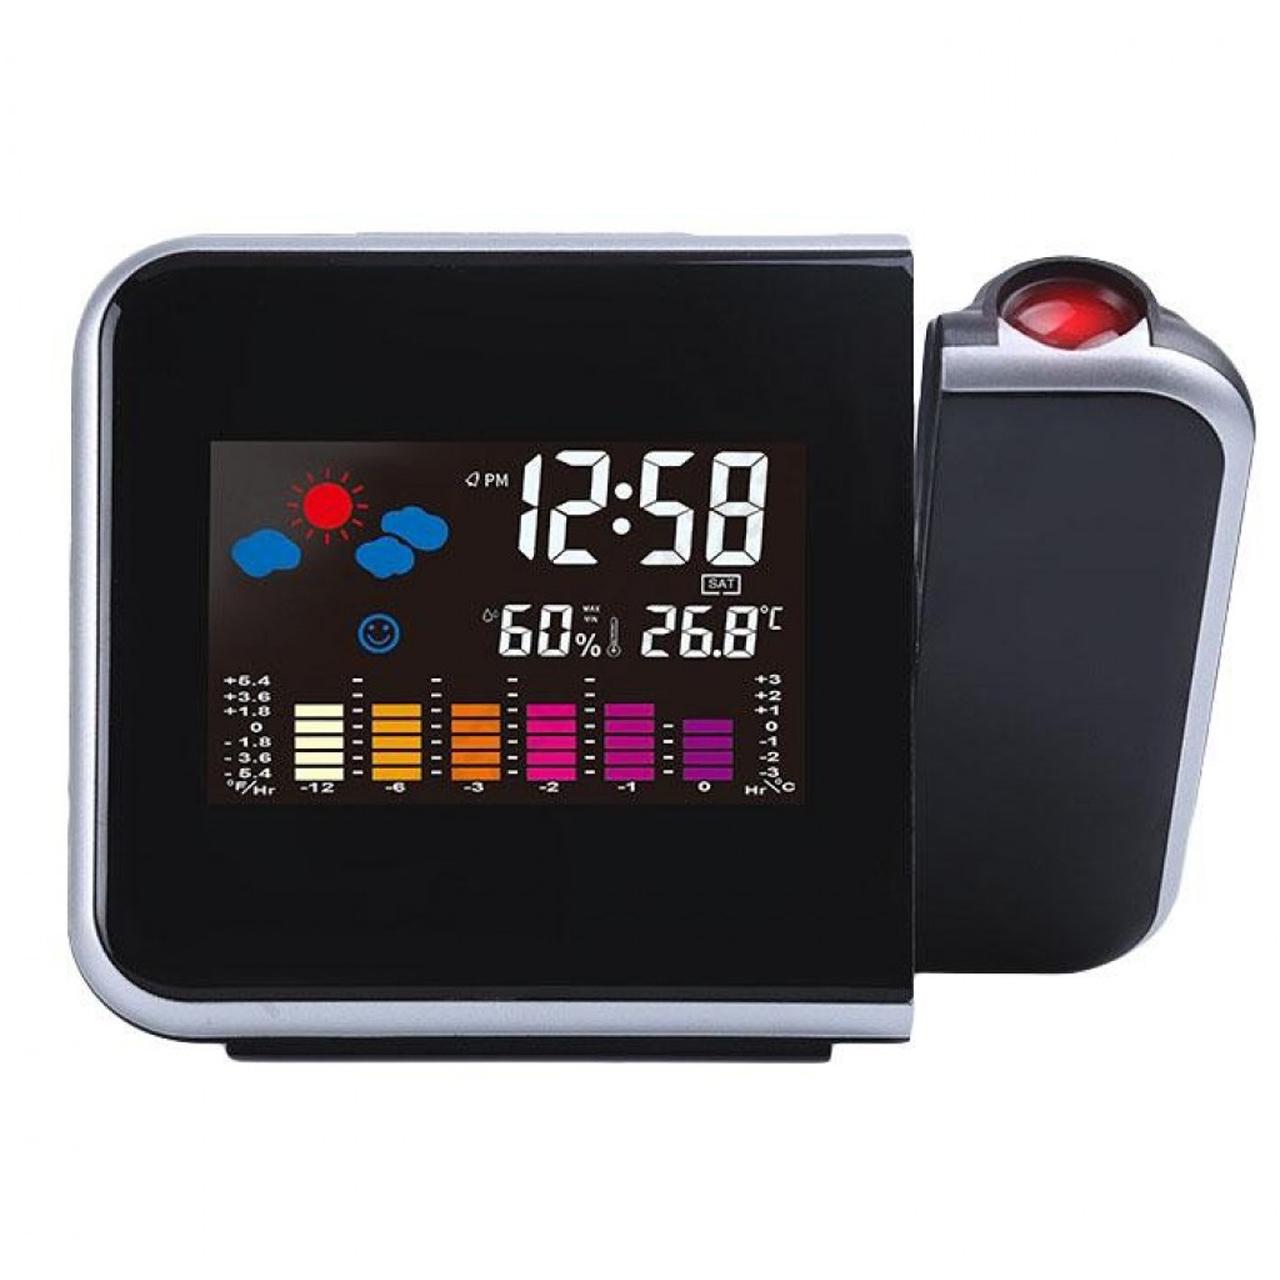 خرید ساعت پروژکتوری رومیزی مدل VK